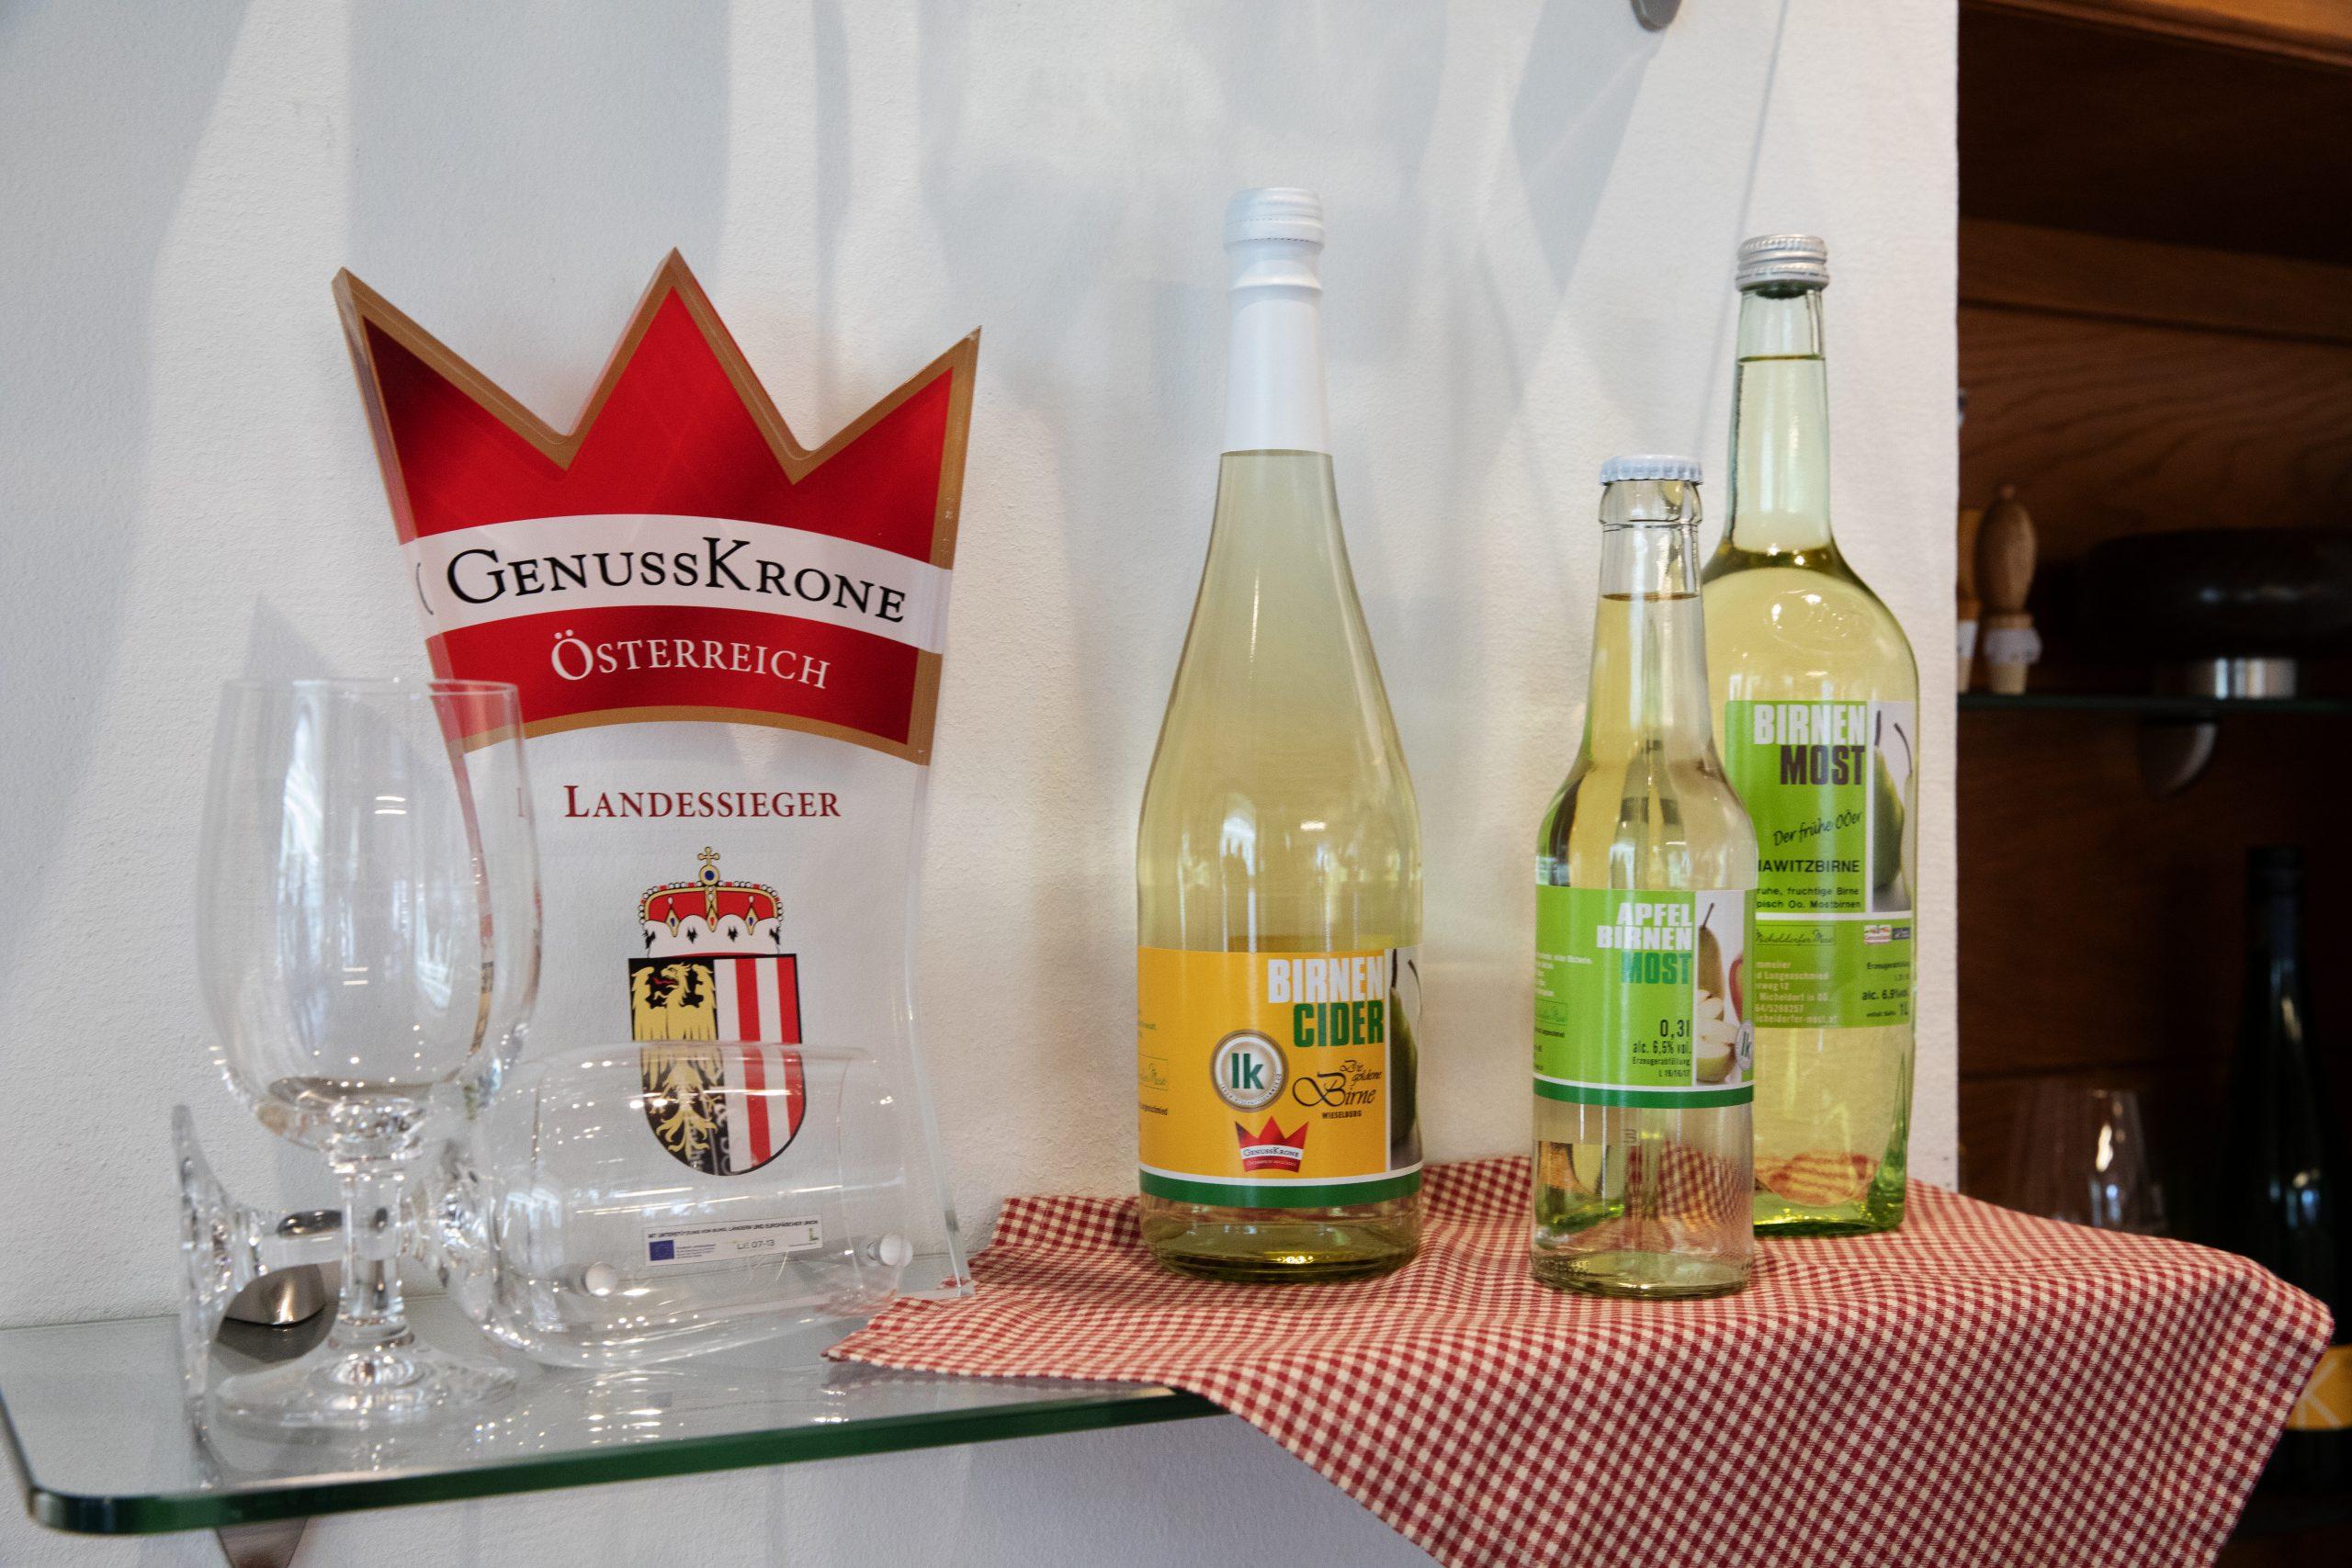 Birnen Cider und Birnen Most